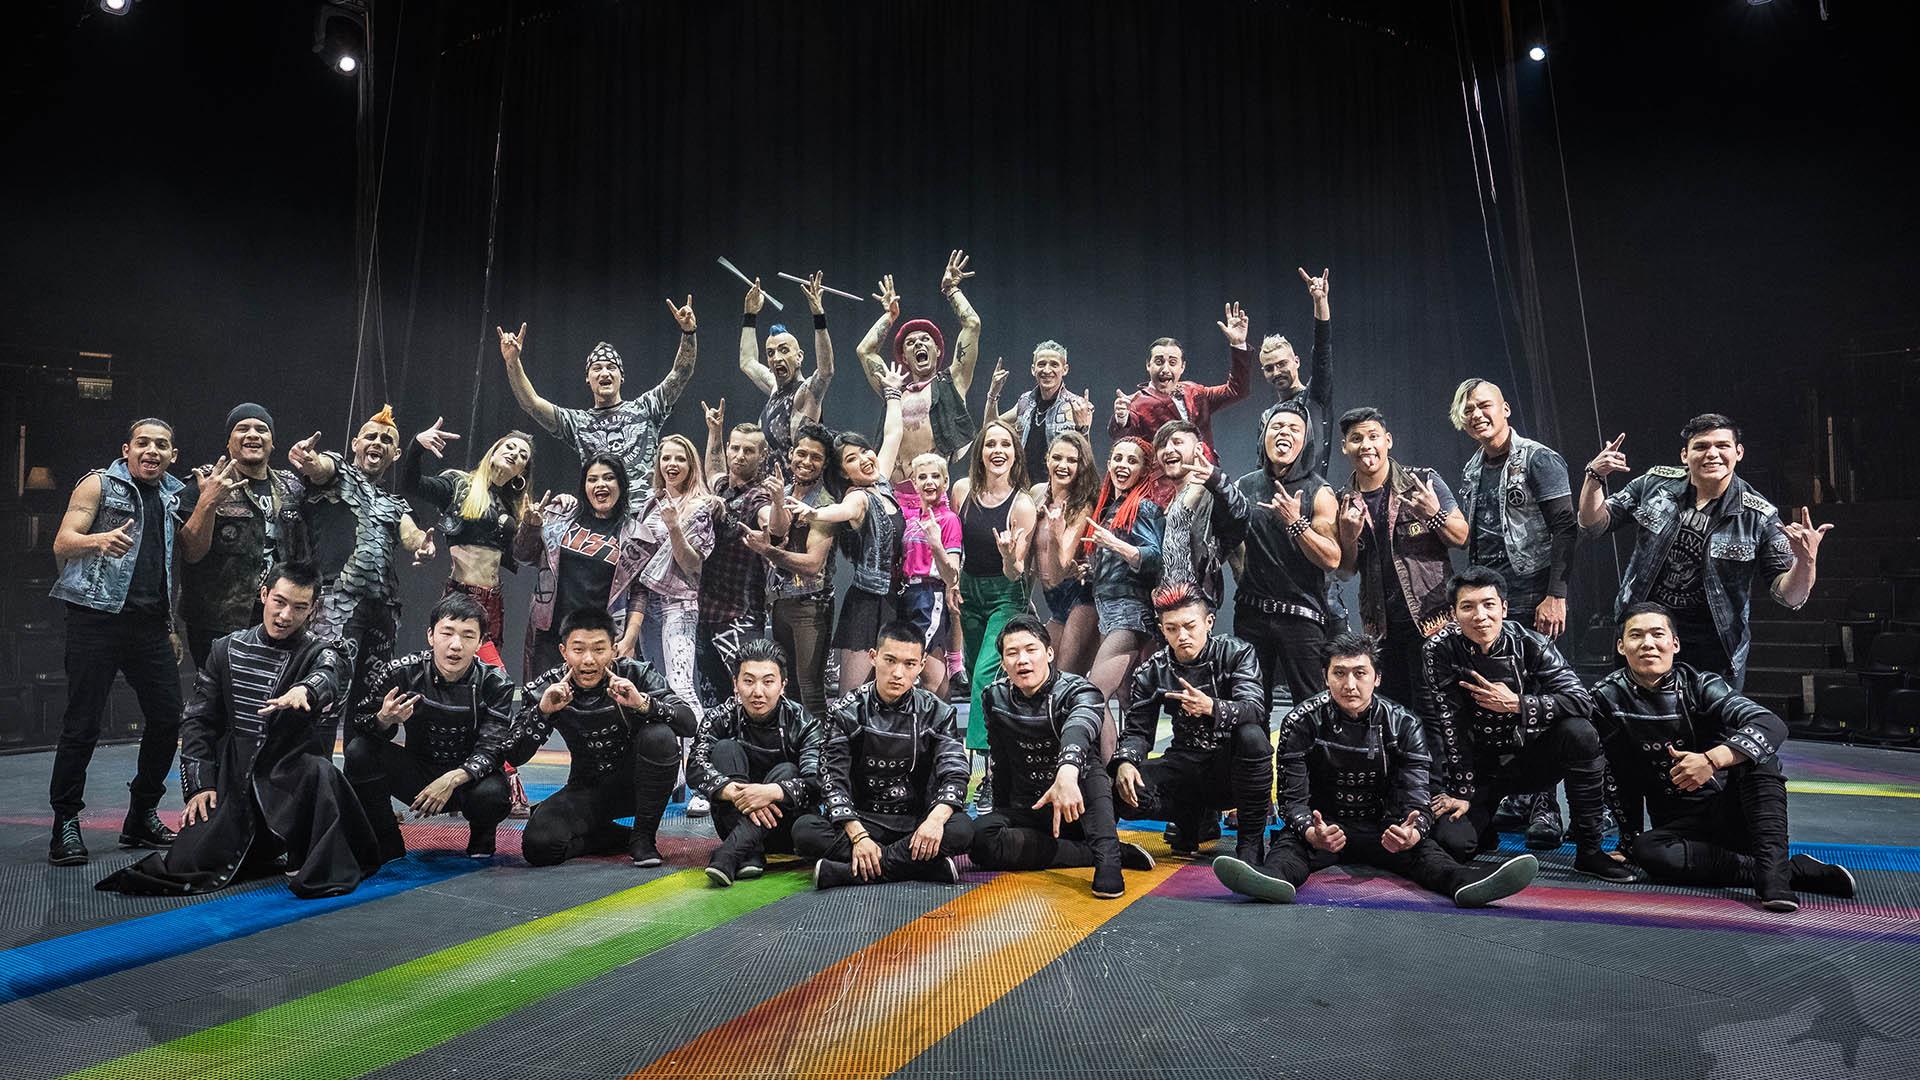 Unsere Artisten auf der Bühne